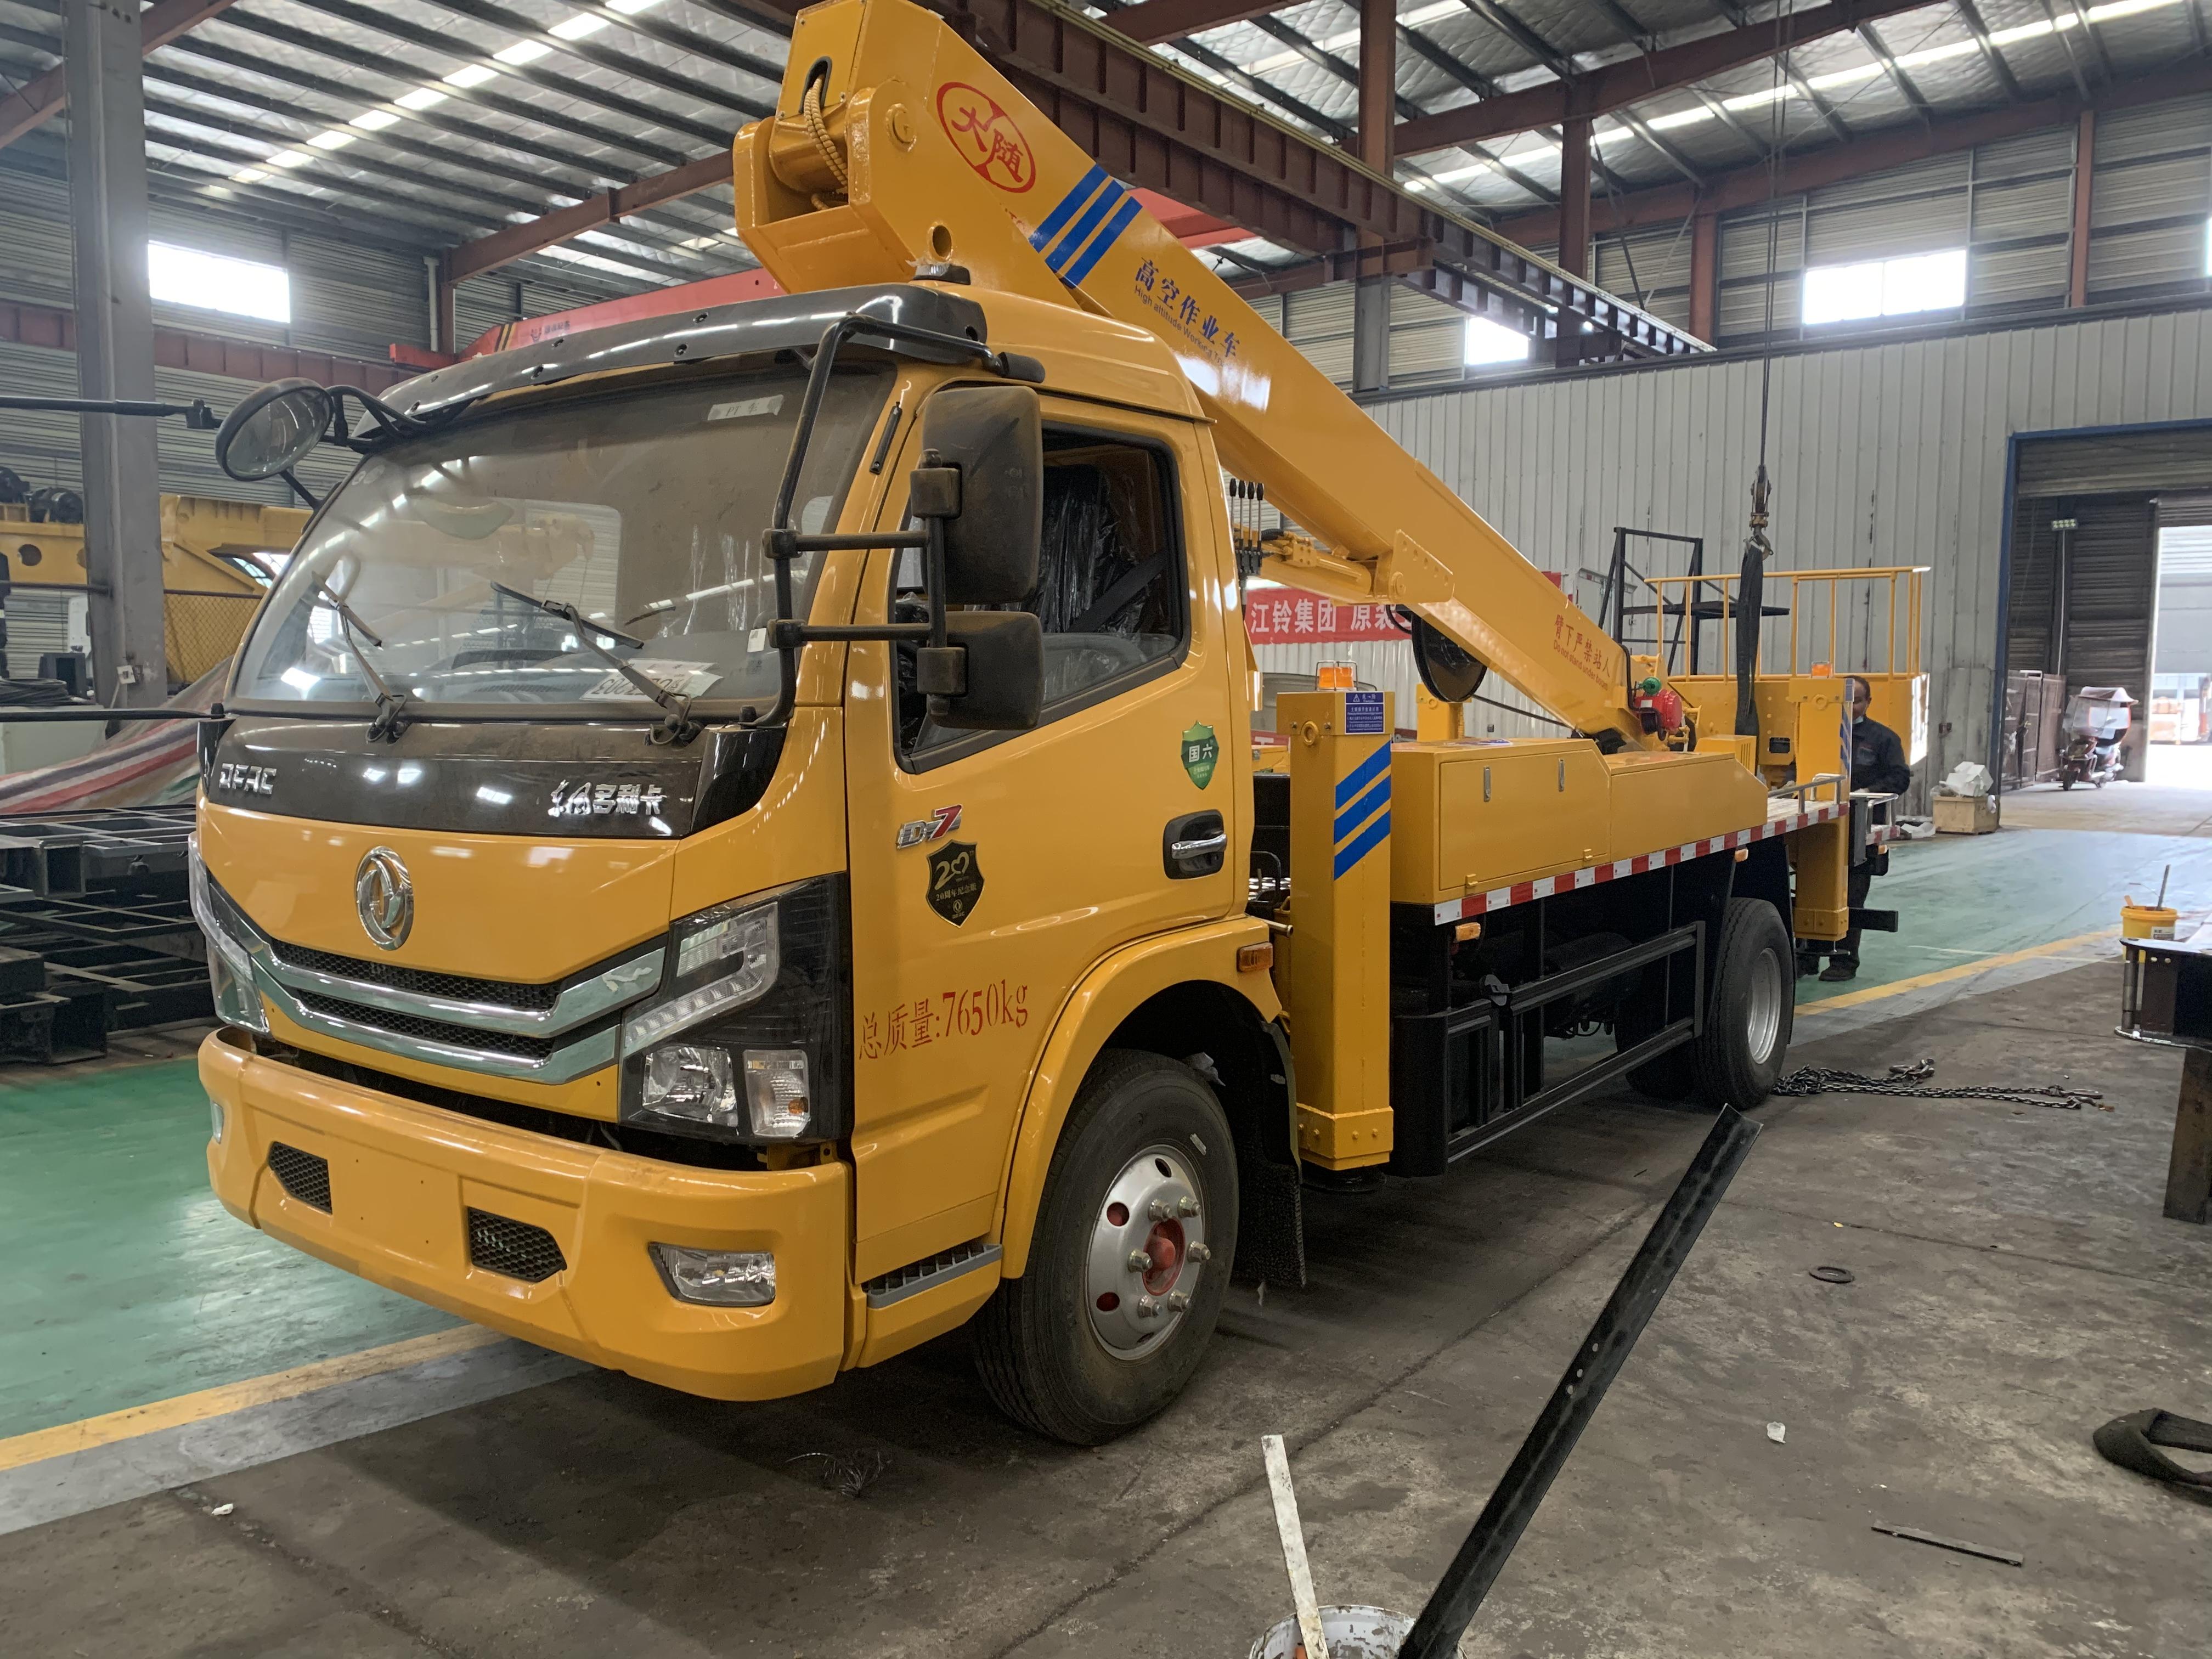 东风国六25米伸缩臂高空作业车厂家让利特惠购车视频